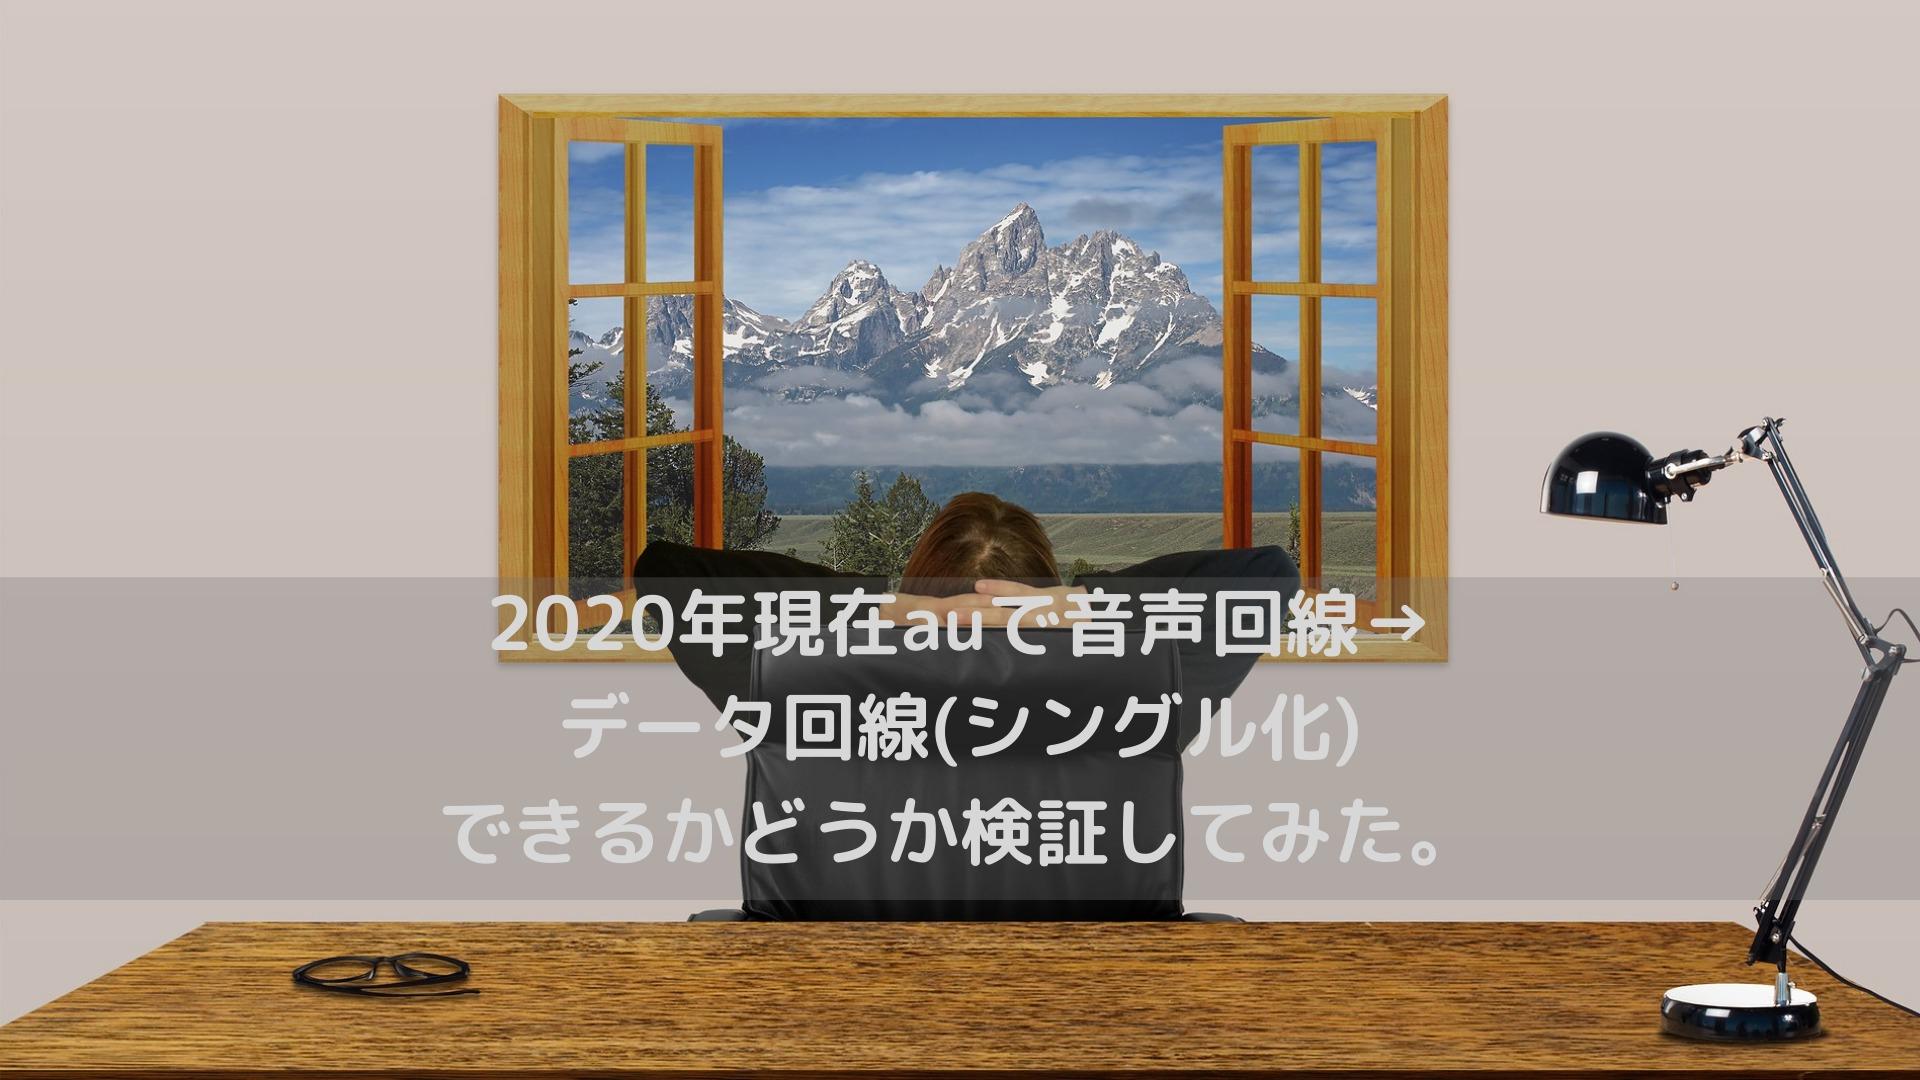 auシングル化2020